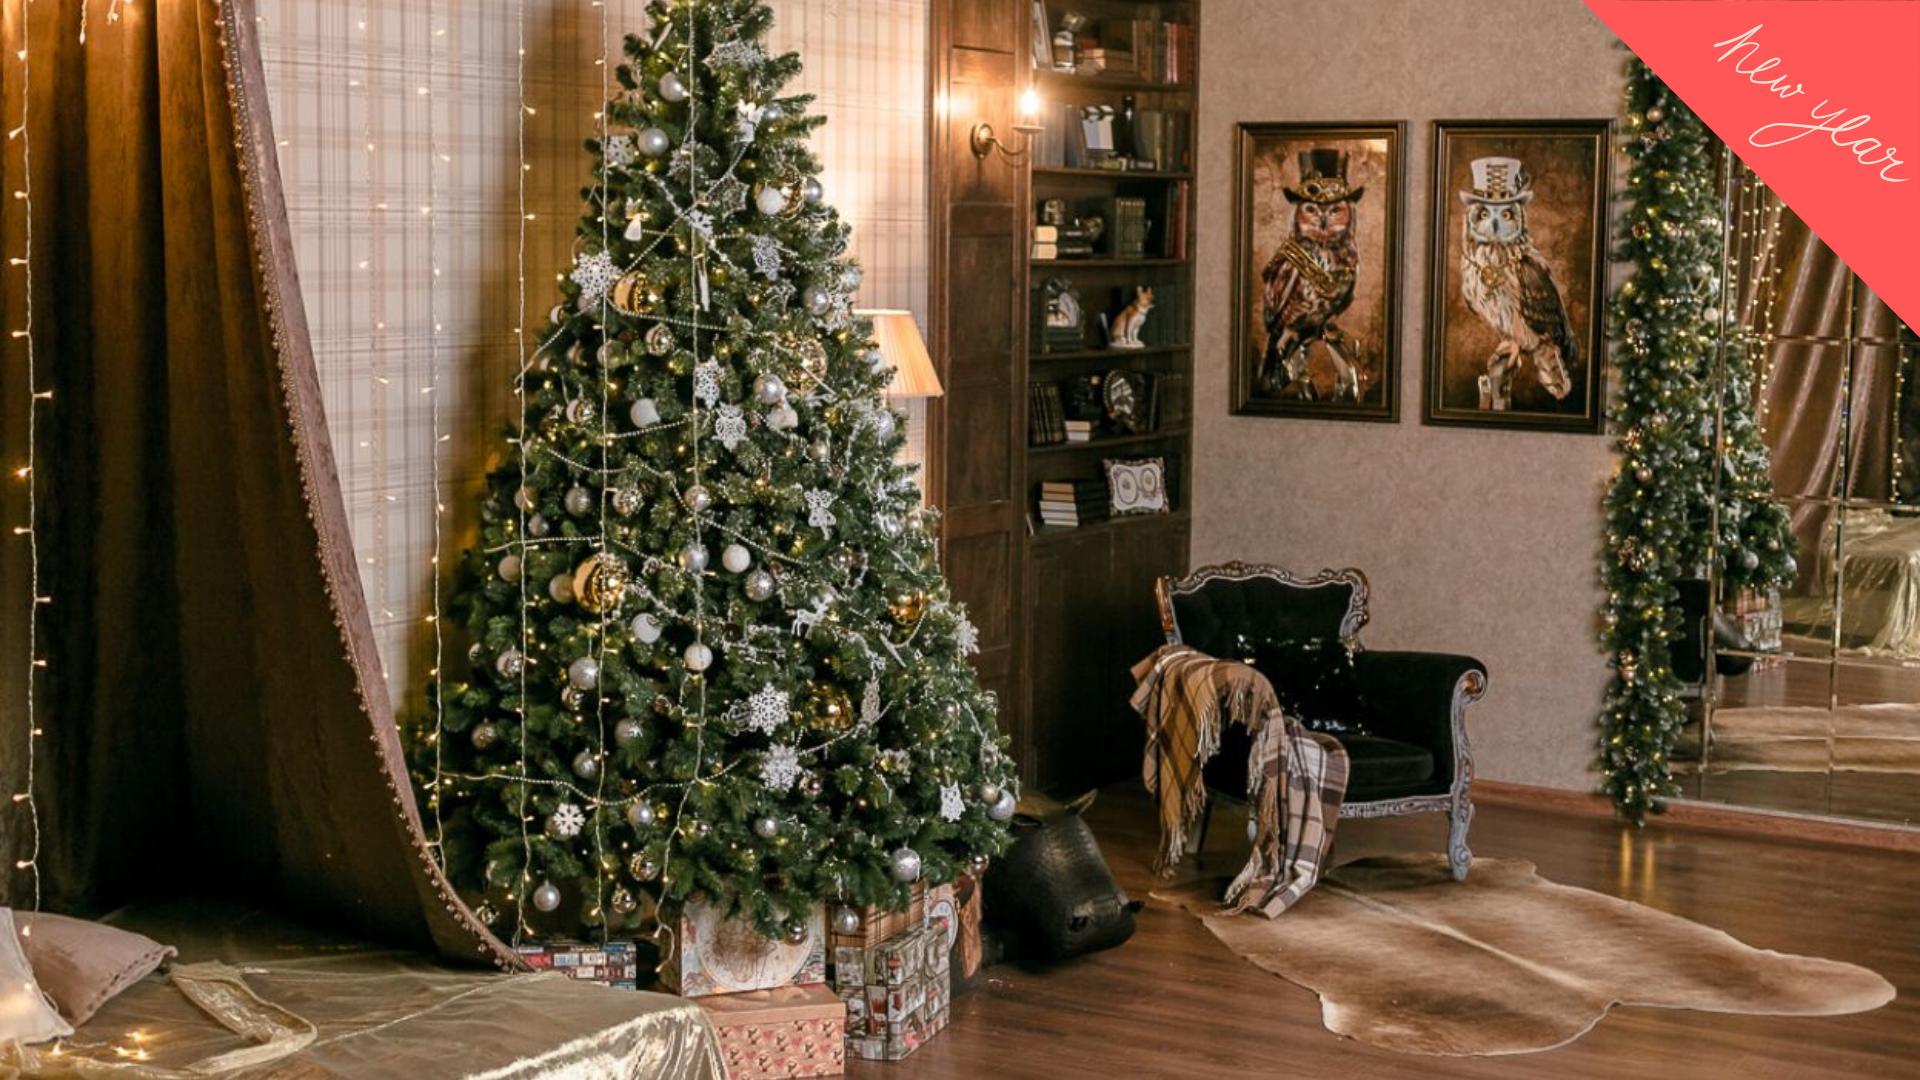 Картинка для групп сп в новогодней тематике же, озвучиваются